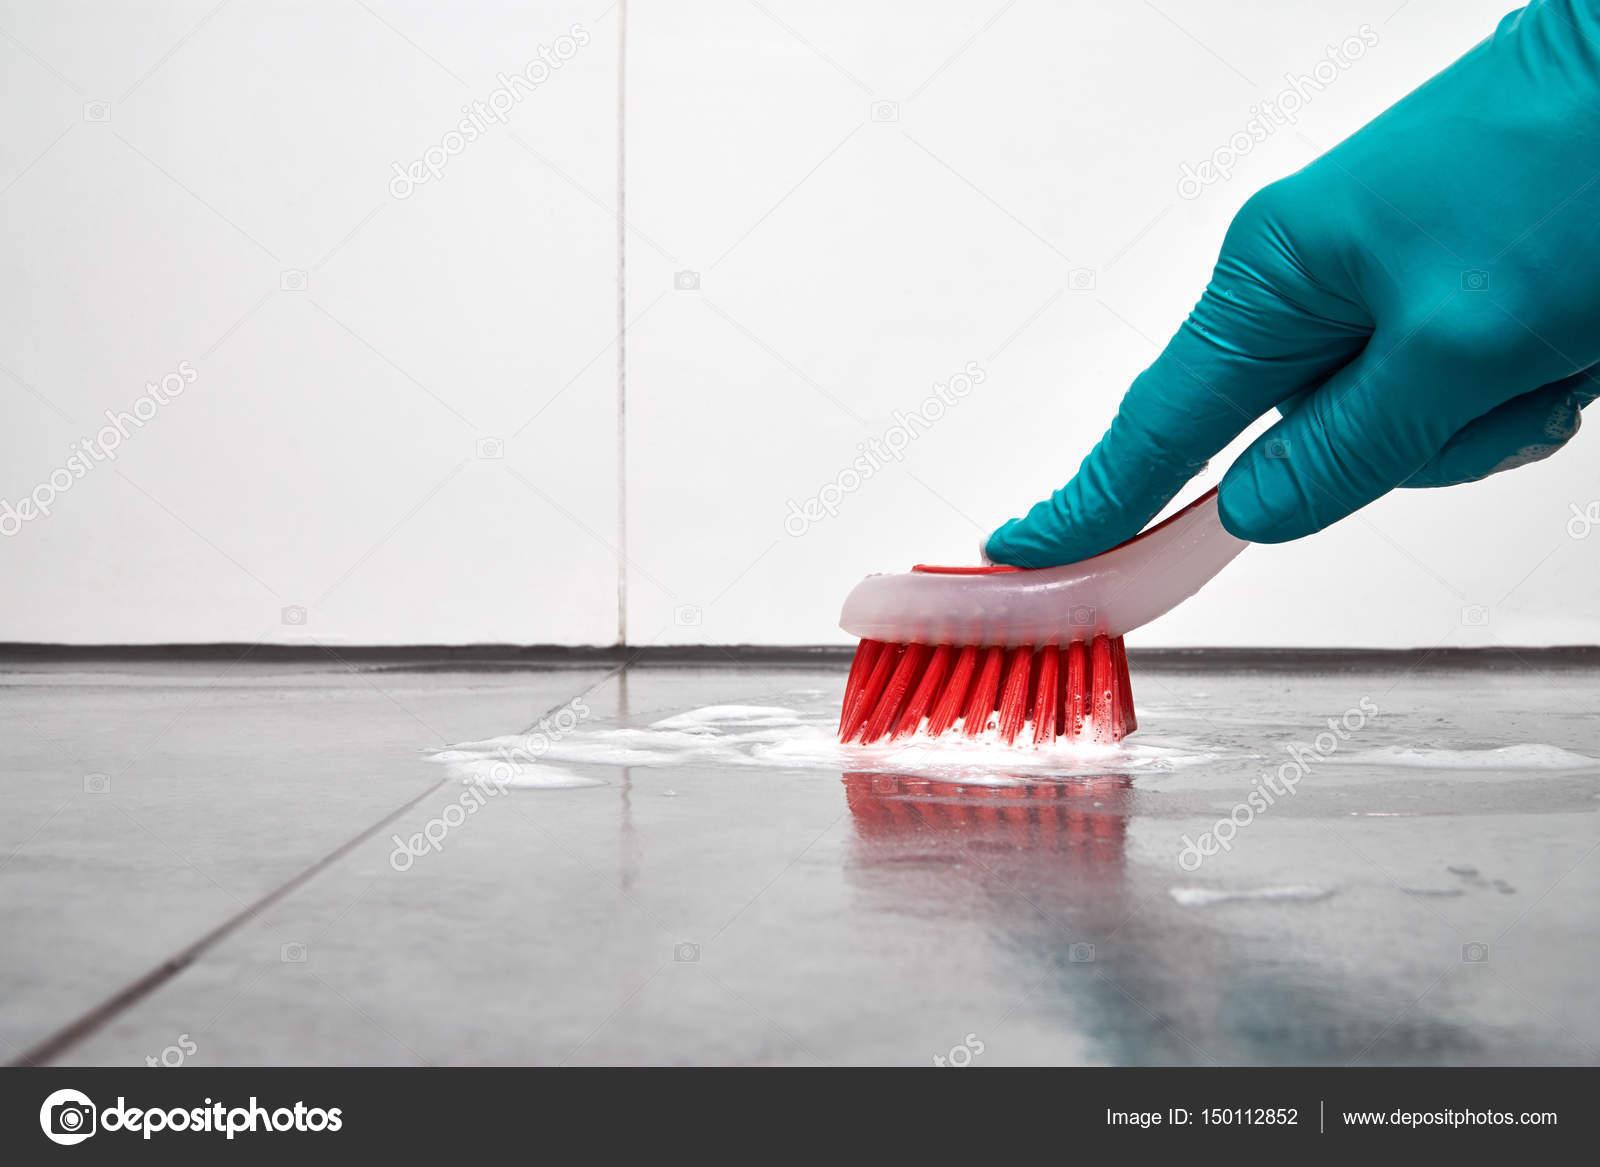 Badkamer Tegels Schoonmaken : Mannenhand met rode borstel schoonmaken van de badkamer tegels op